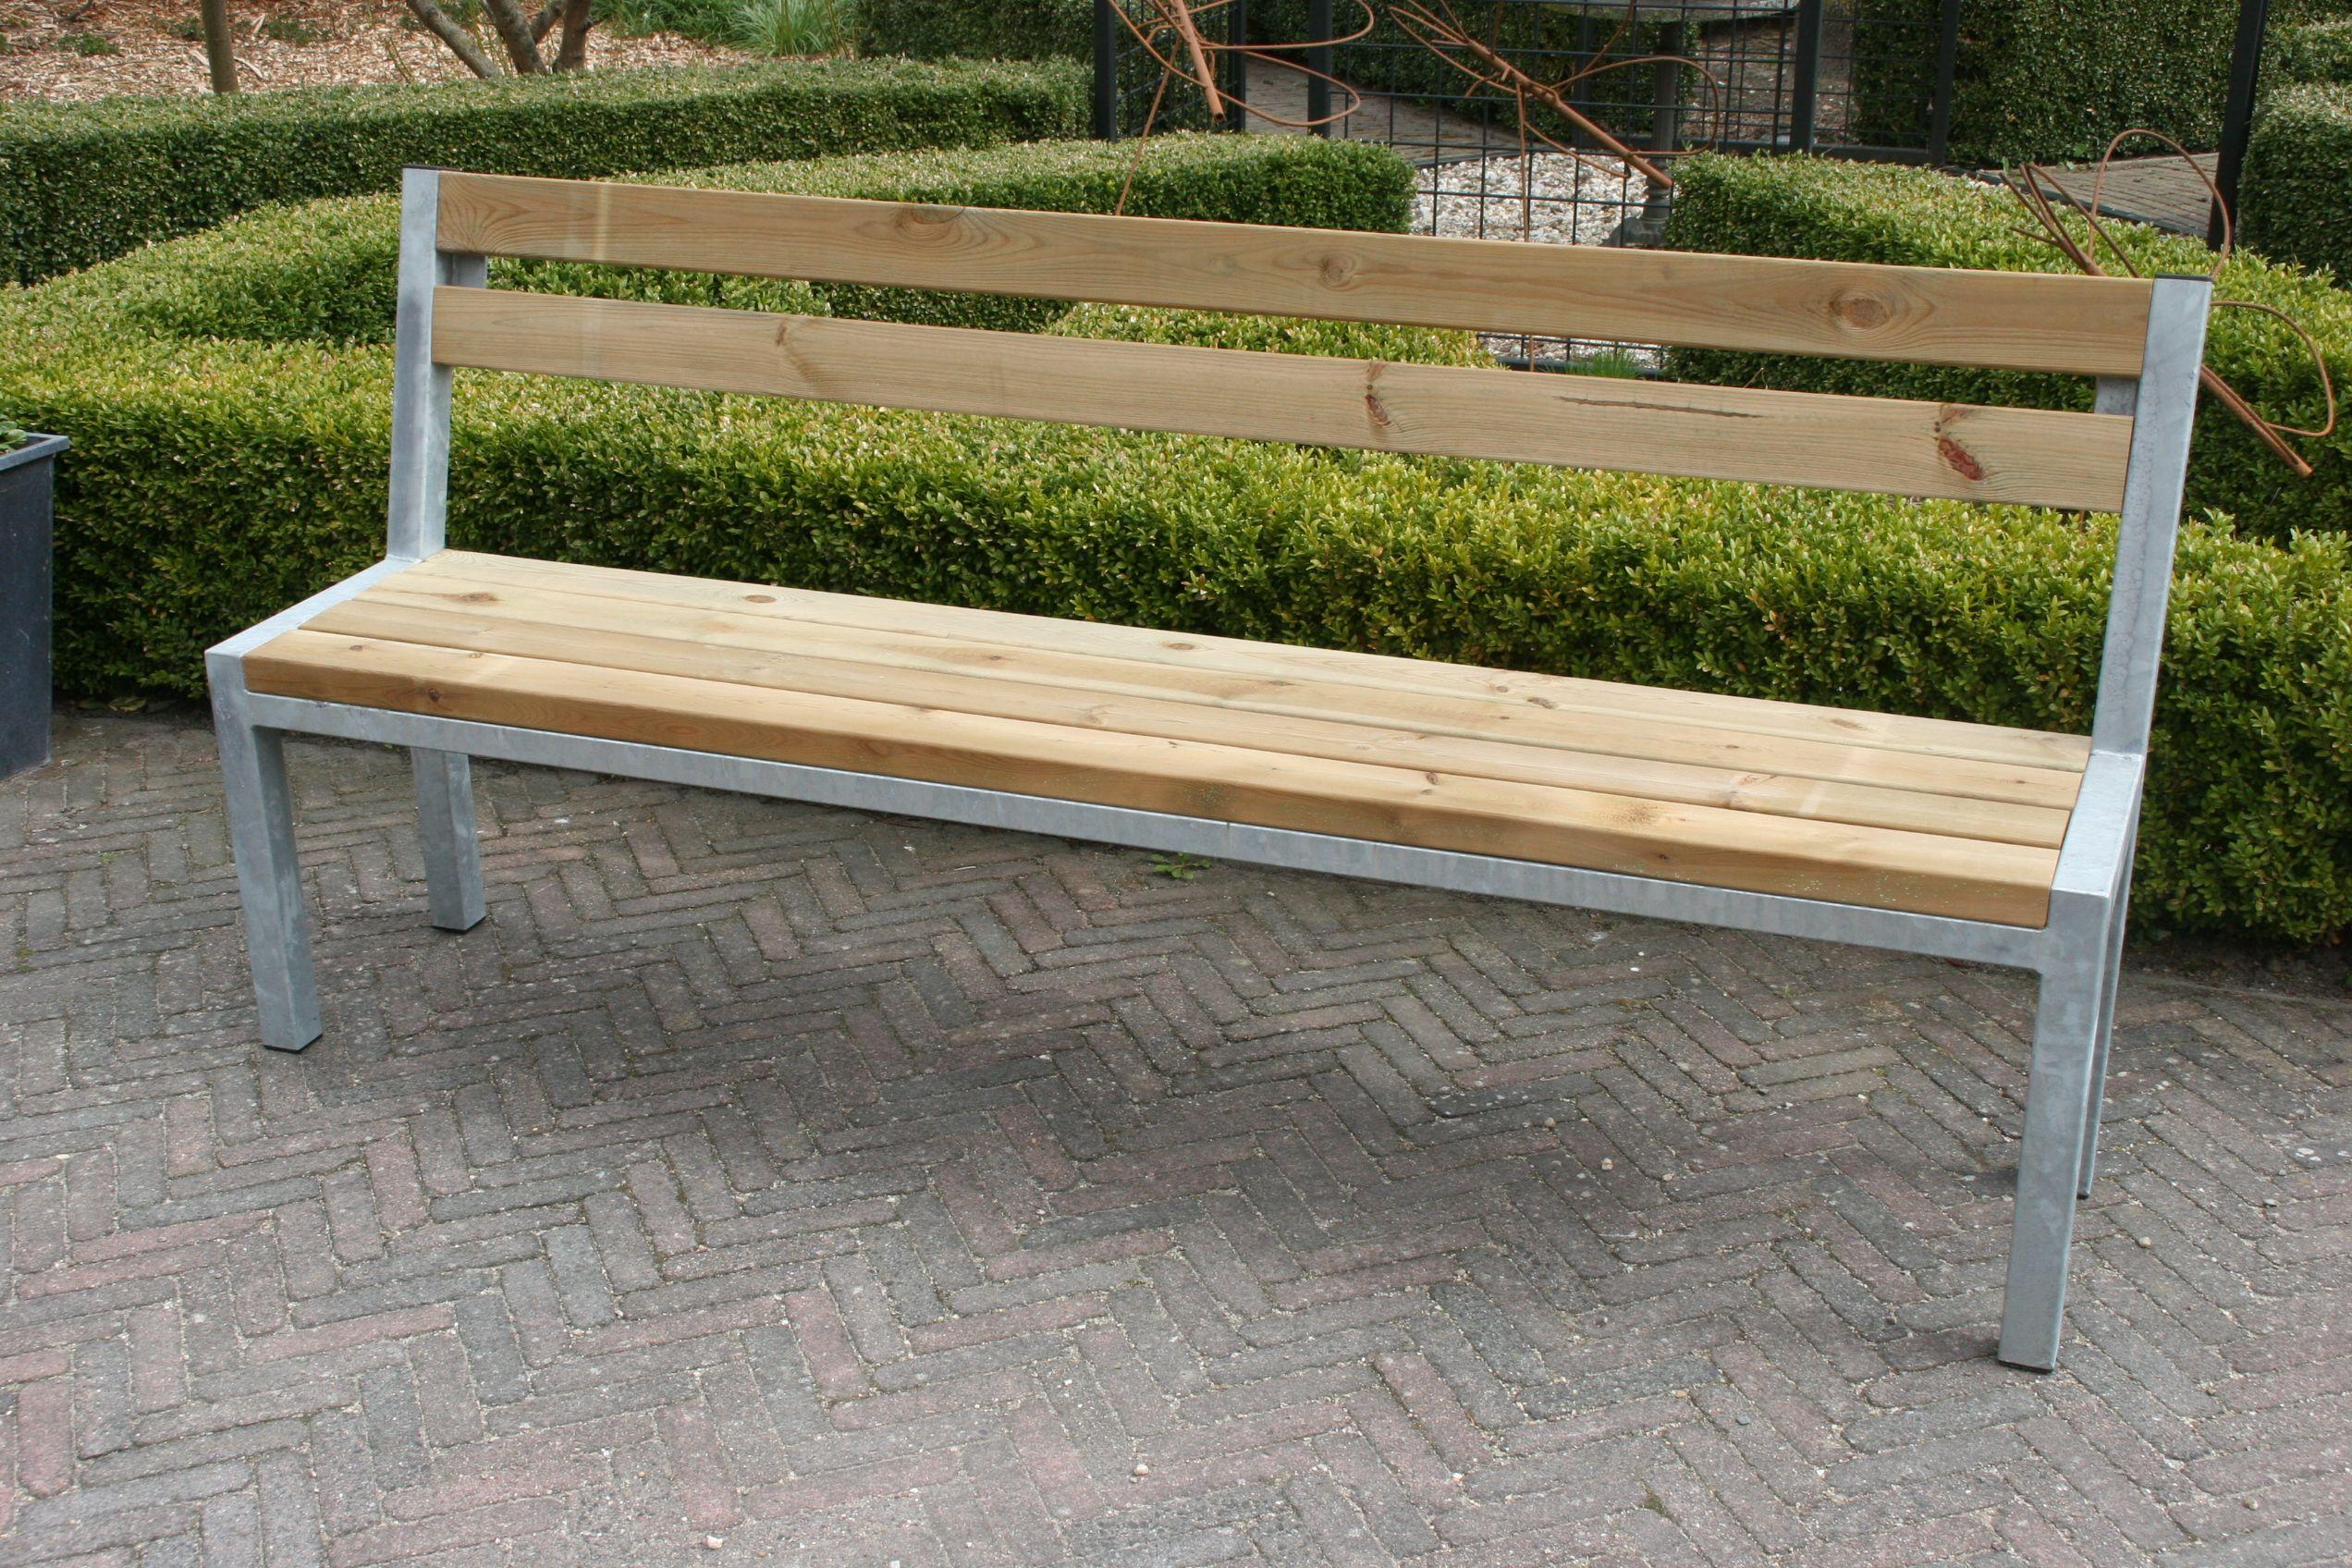 Tuinbank Modern met rugleuning   Van de Kamp Webwinkel   Garden   Pinterest   Gardens